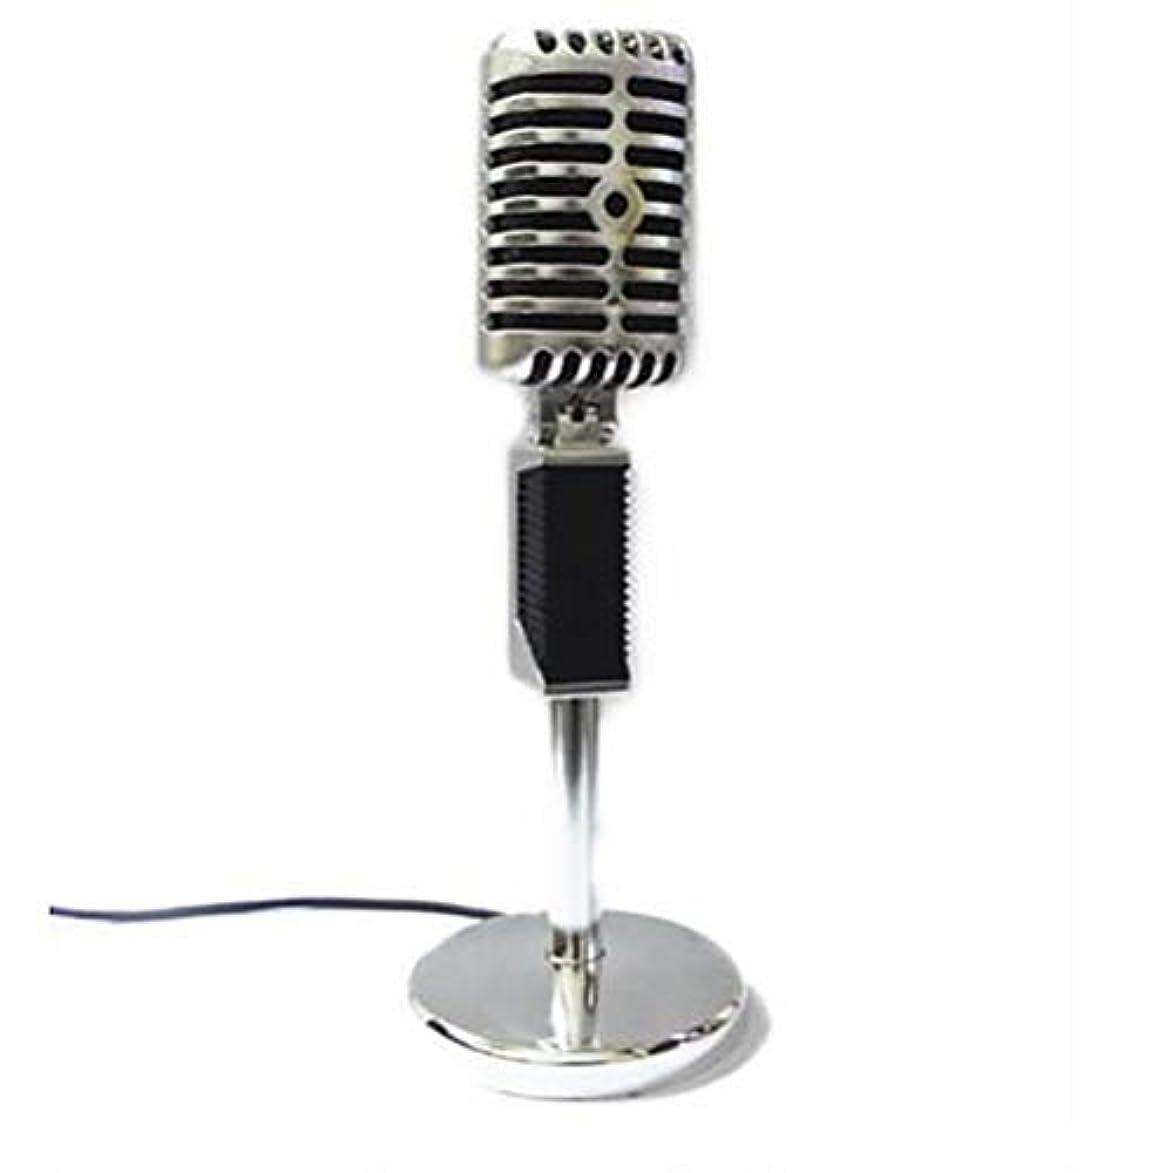 移住する削る編集者BALIYIN 高品質レコーディングコンデンサーマイクKソング音声マイクデスクトップラップトップ有線マイク (銀)